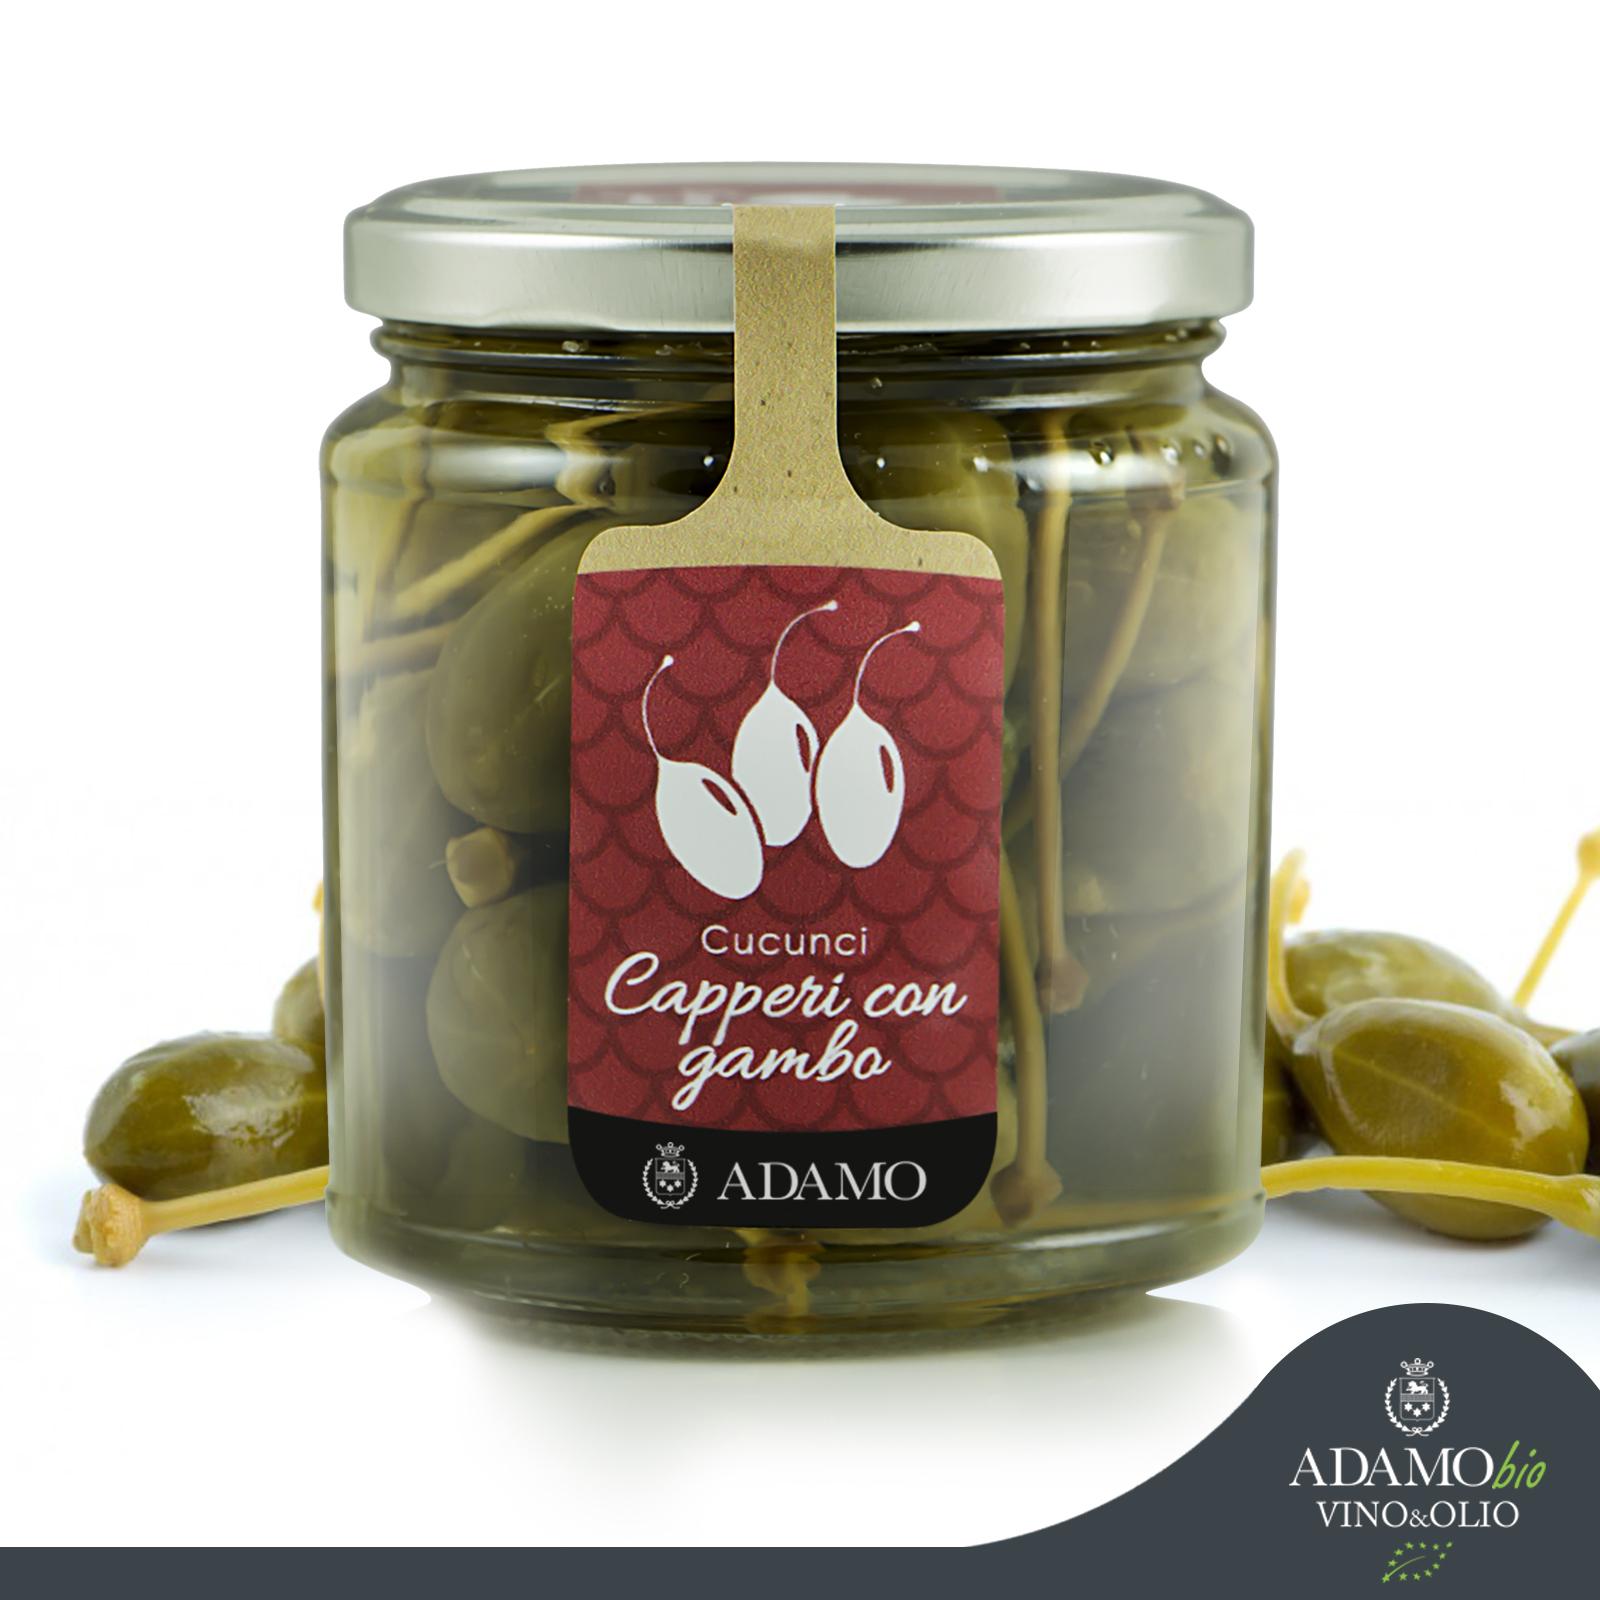 Cucunci capers with stem (caperberries) - Azienda Agricola Biologica Adamo